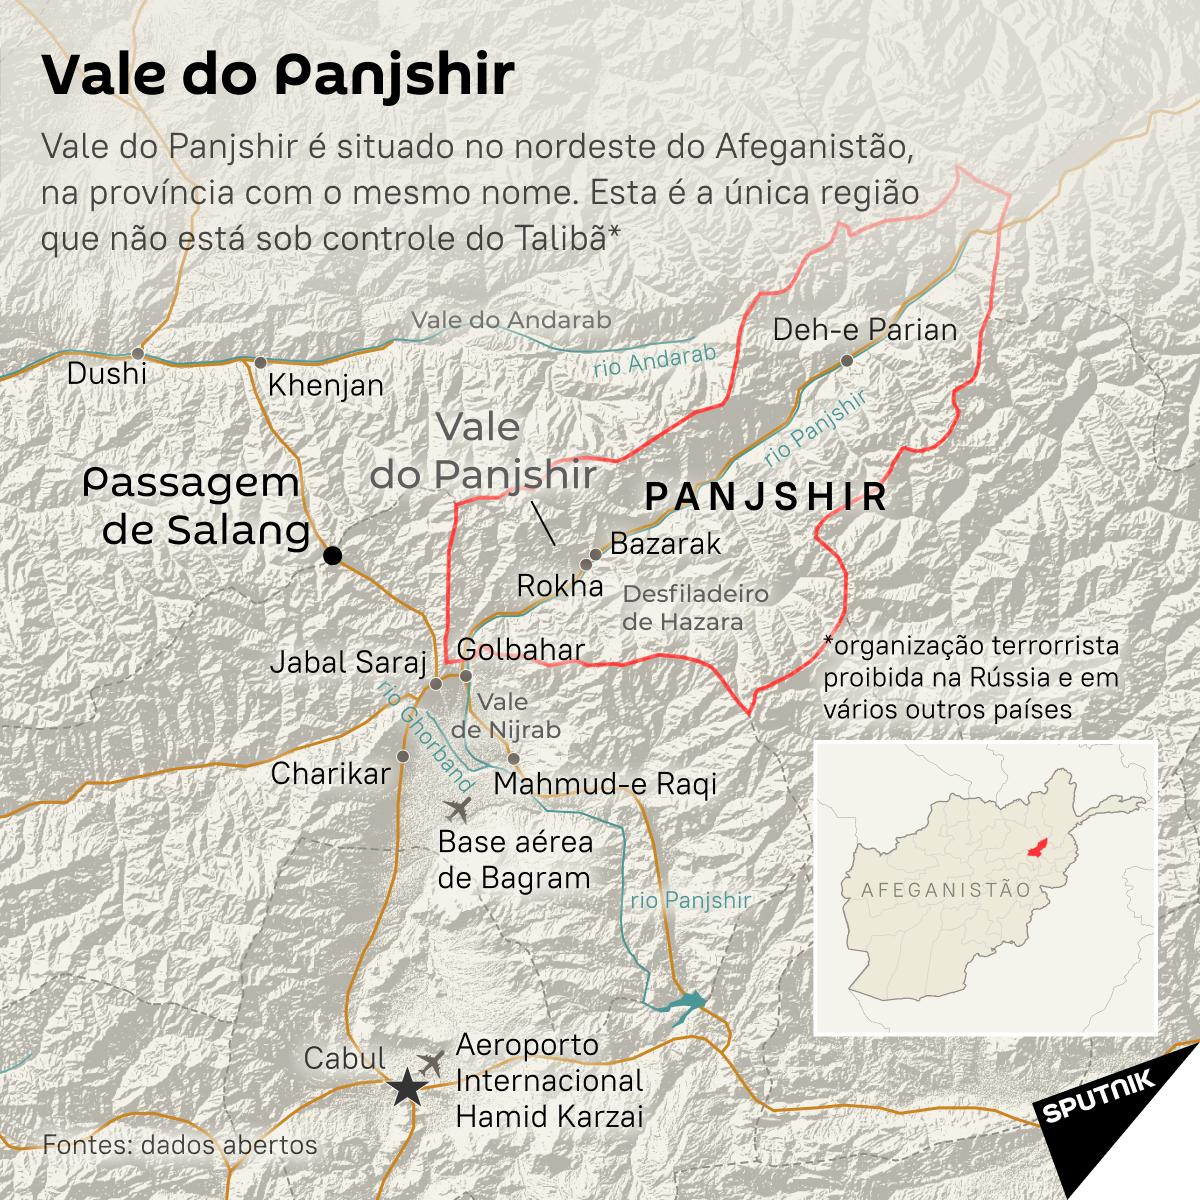 Vale do Panjshir: única região resistente ao Talibã